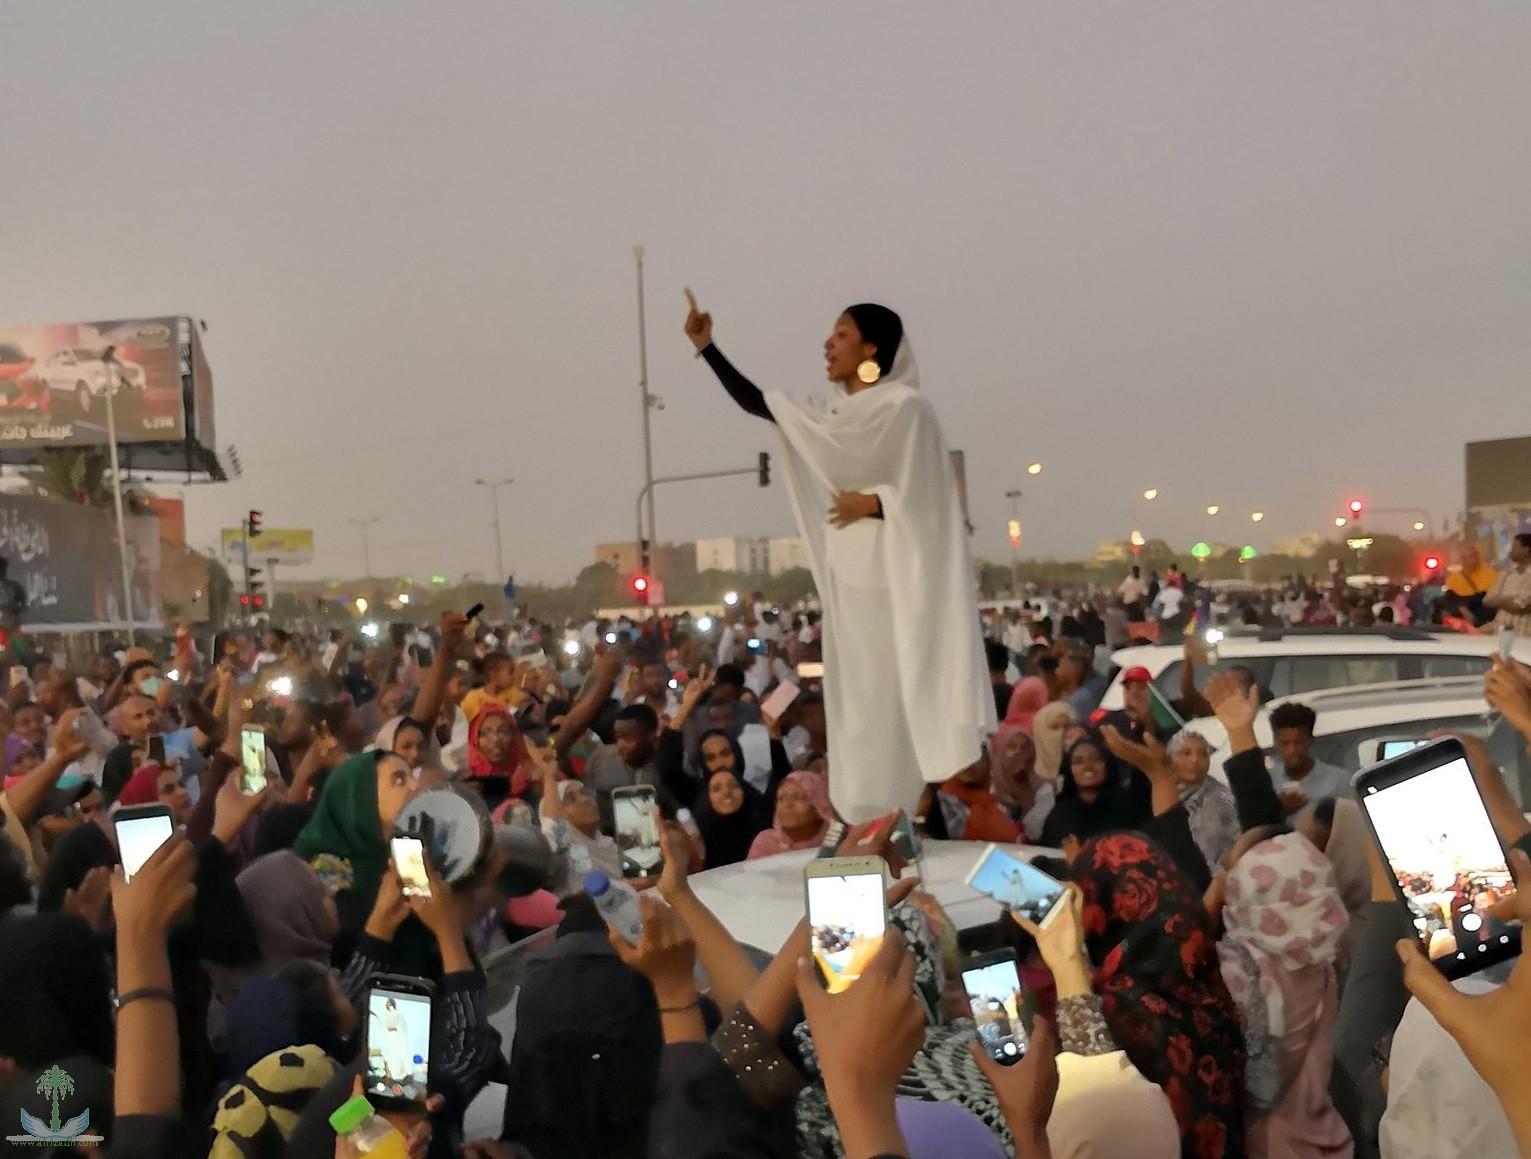 مظاهرات السودان: كيف استقبل المحتجون إعلان الإطاحة بالبشير؟